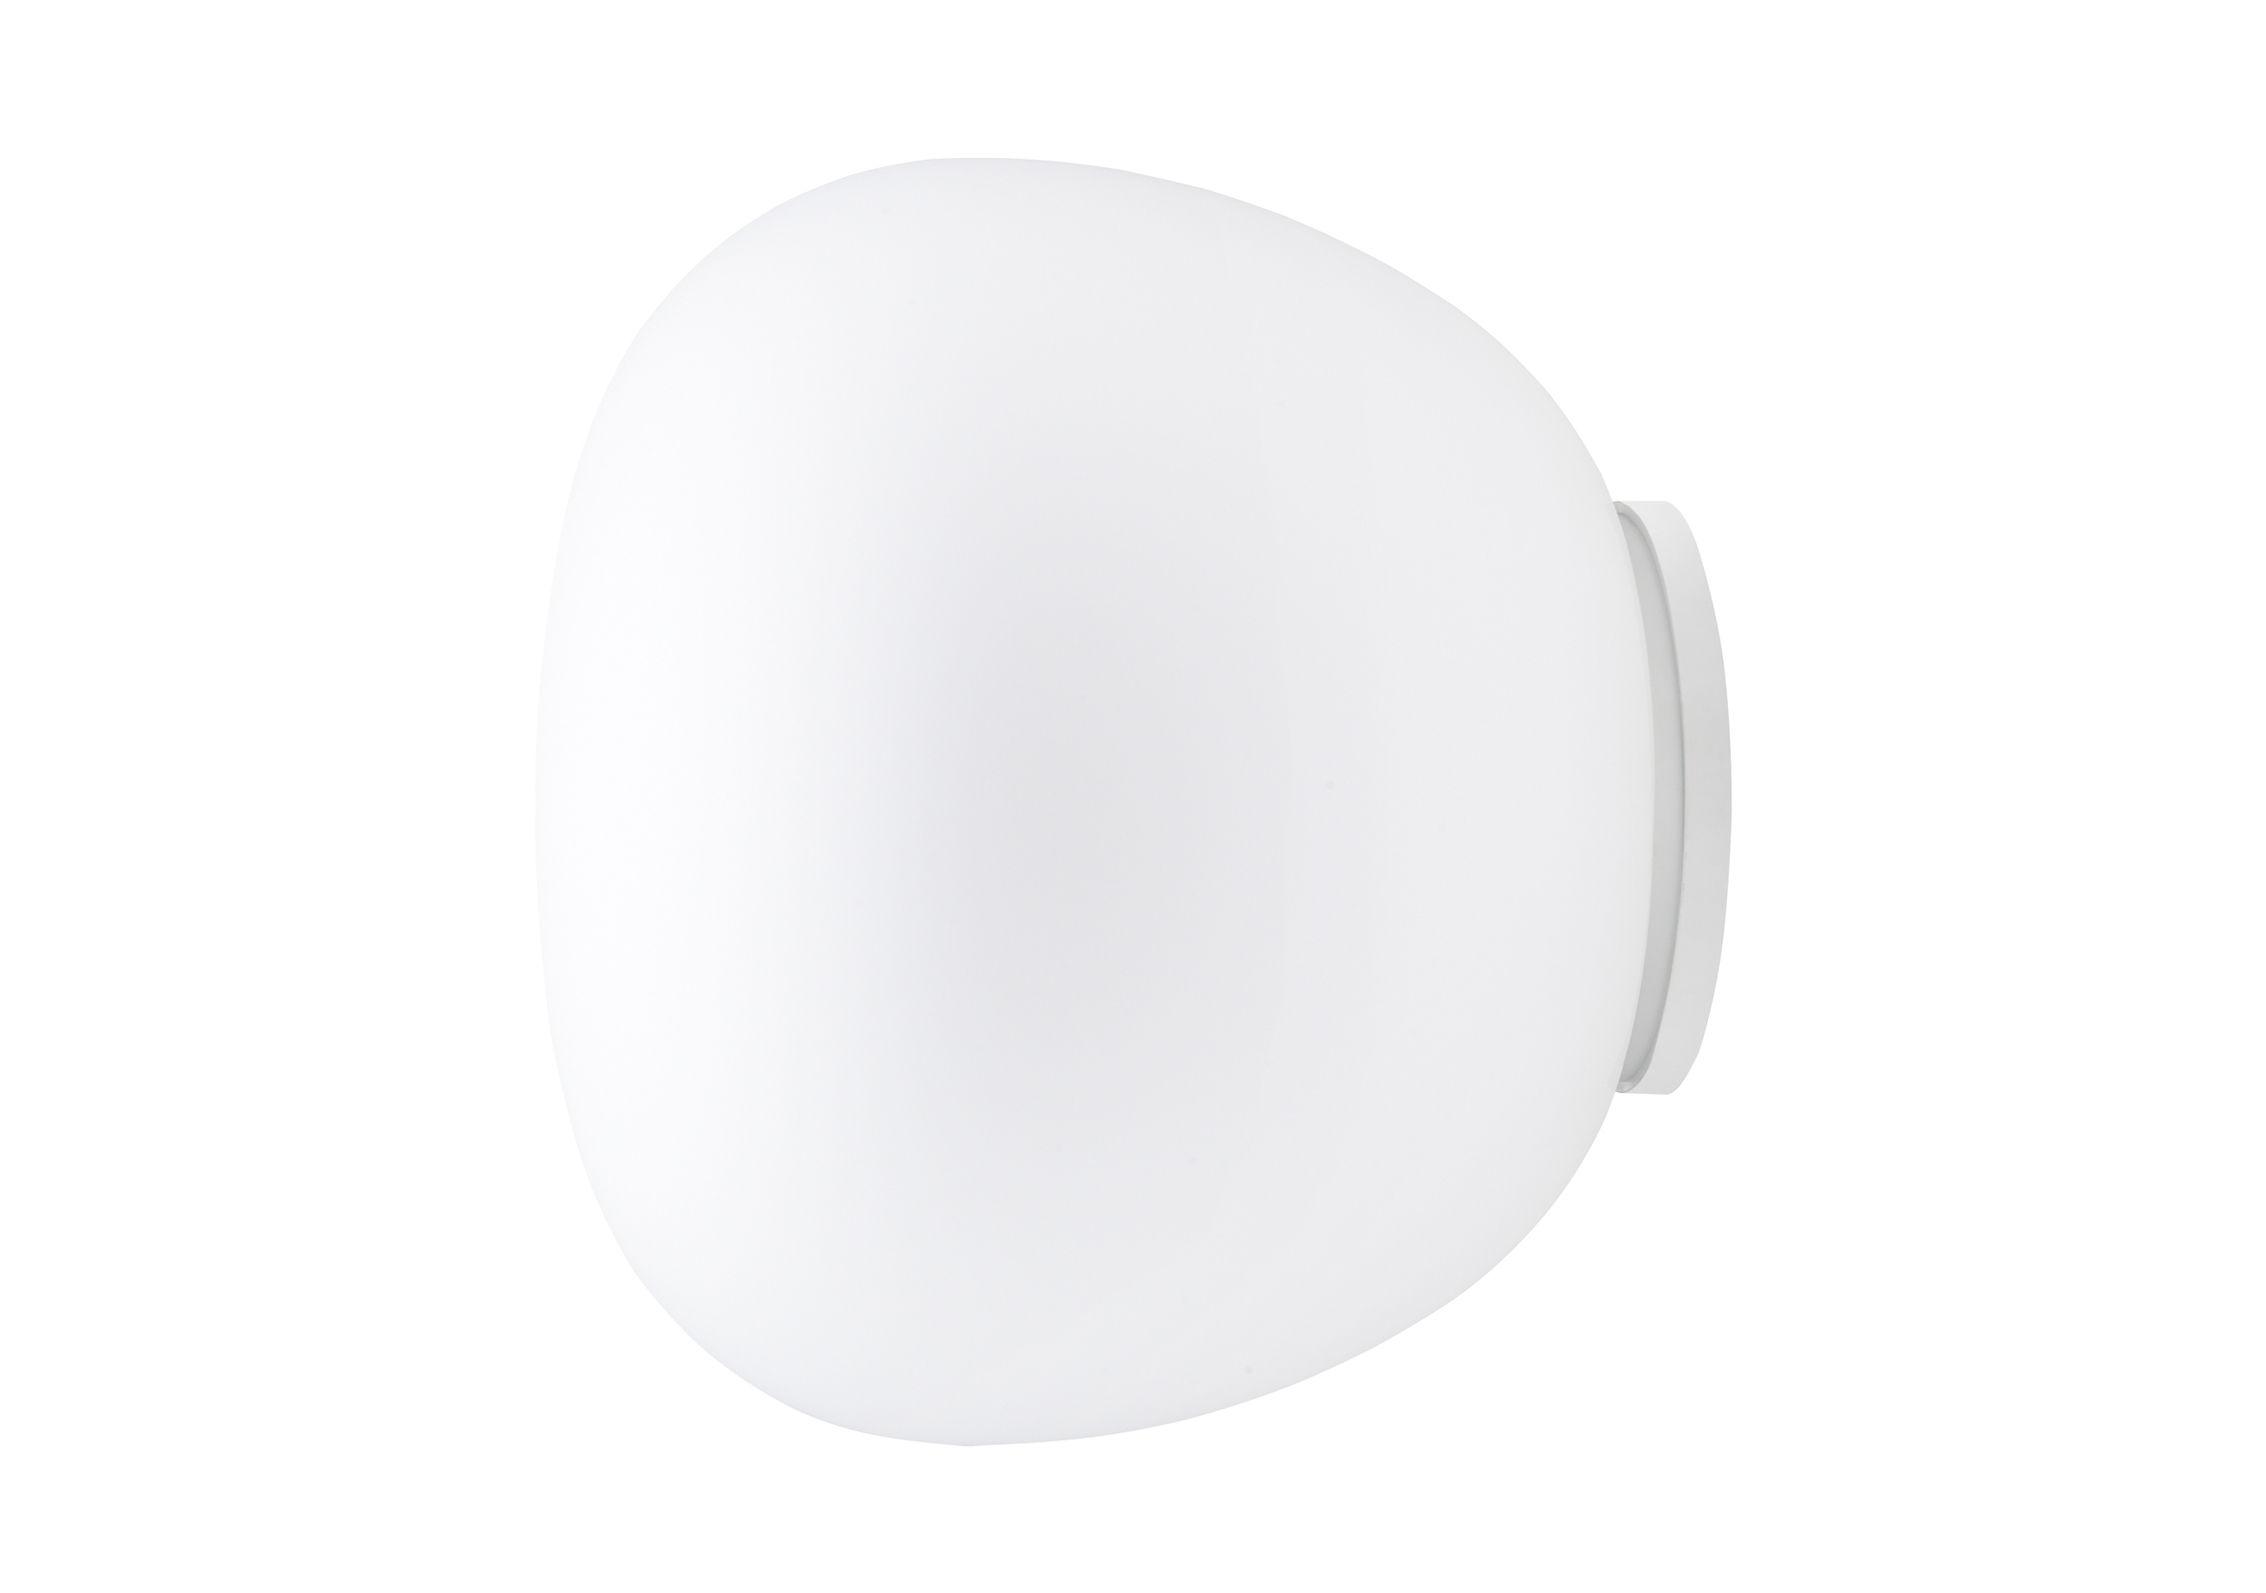 Luminaire - Appliques - Applique Mochi Ø 30 cm - Fabbian - Blanc - Ø 30 cm - Verre